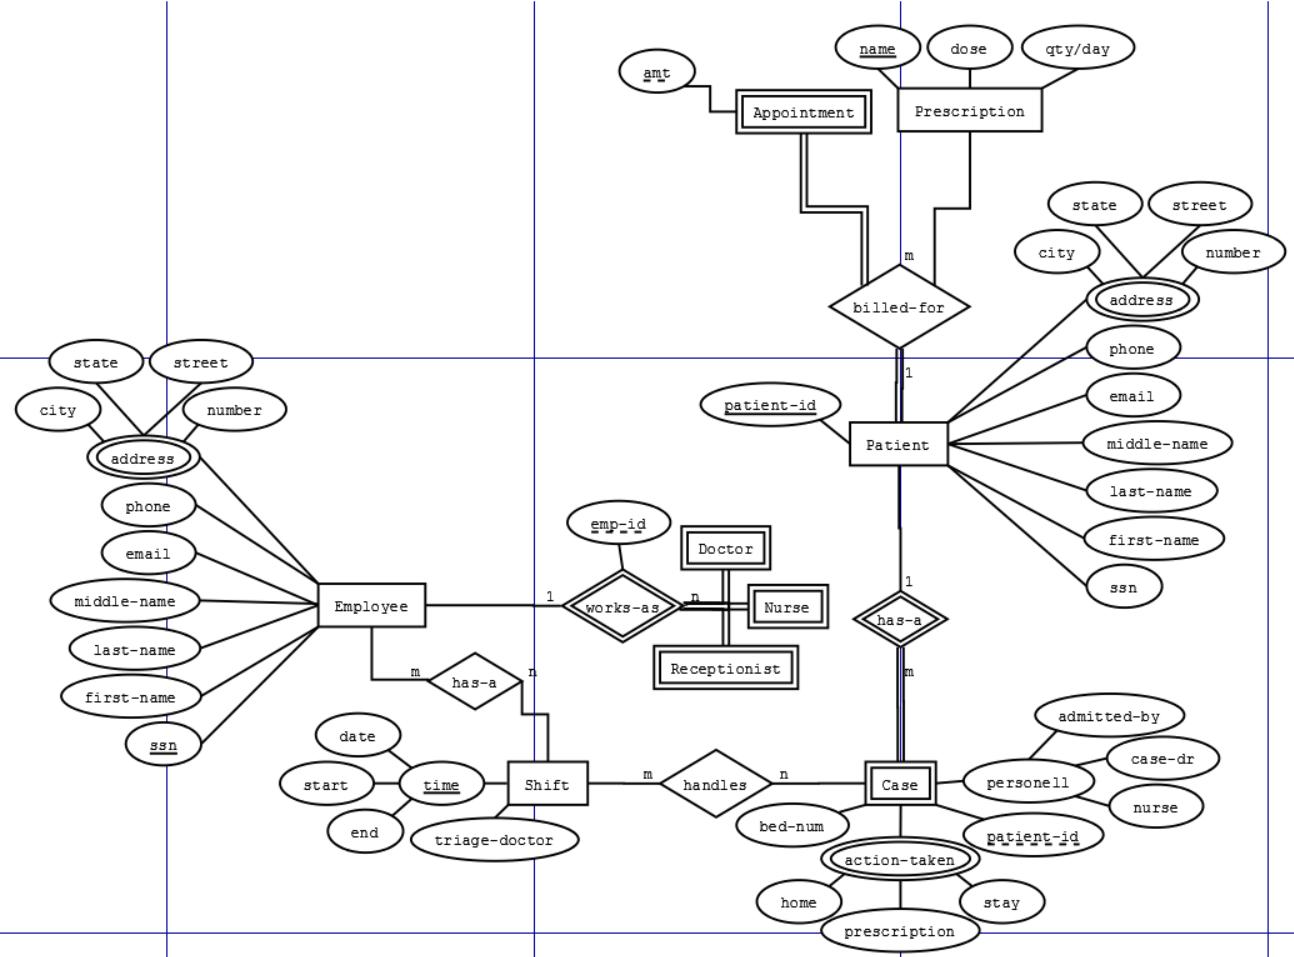 Does This Er Schema Make Sense - Stack Overflow